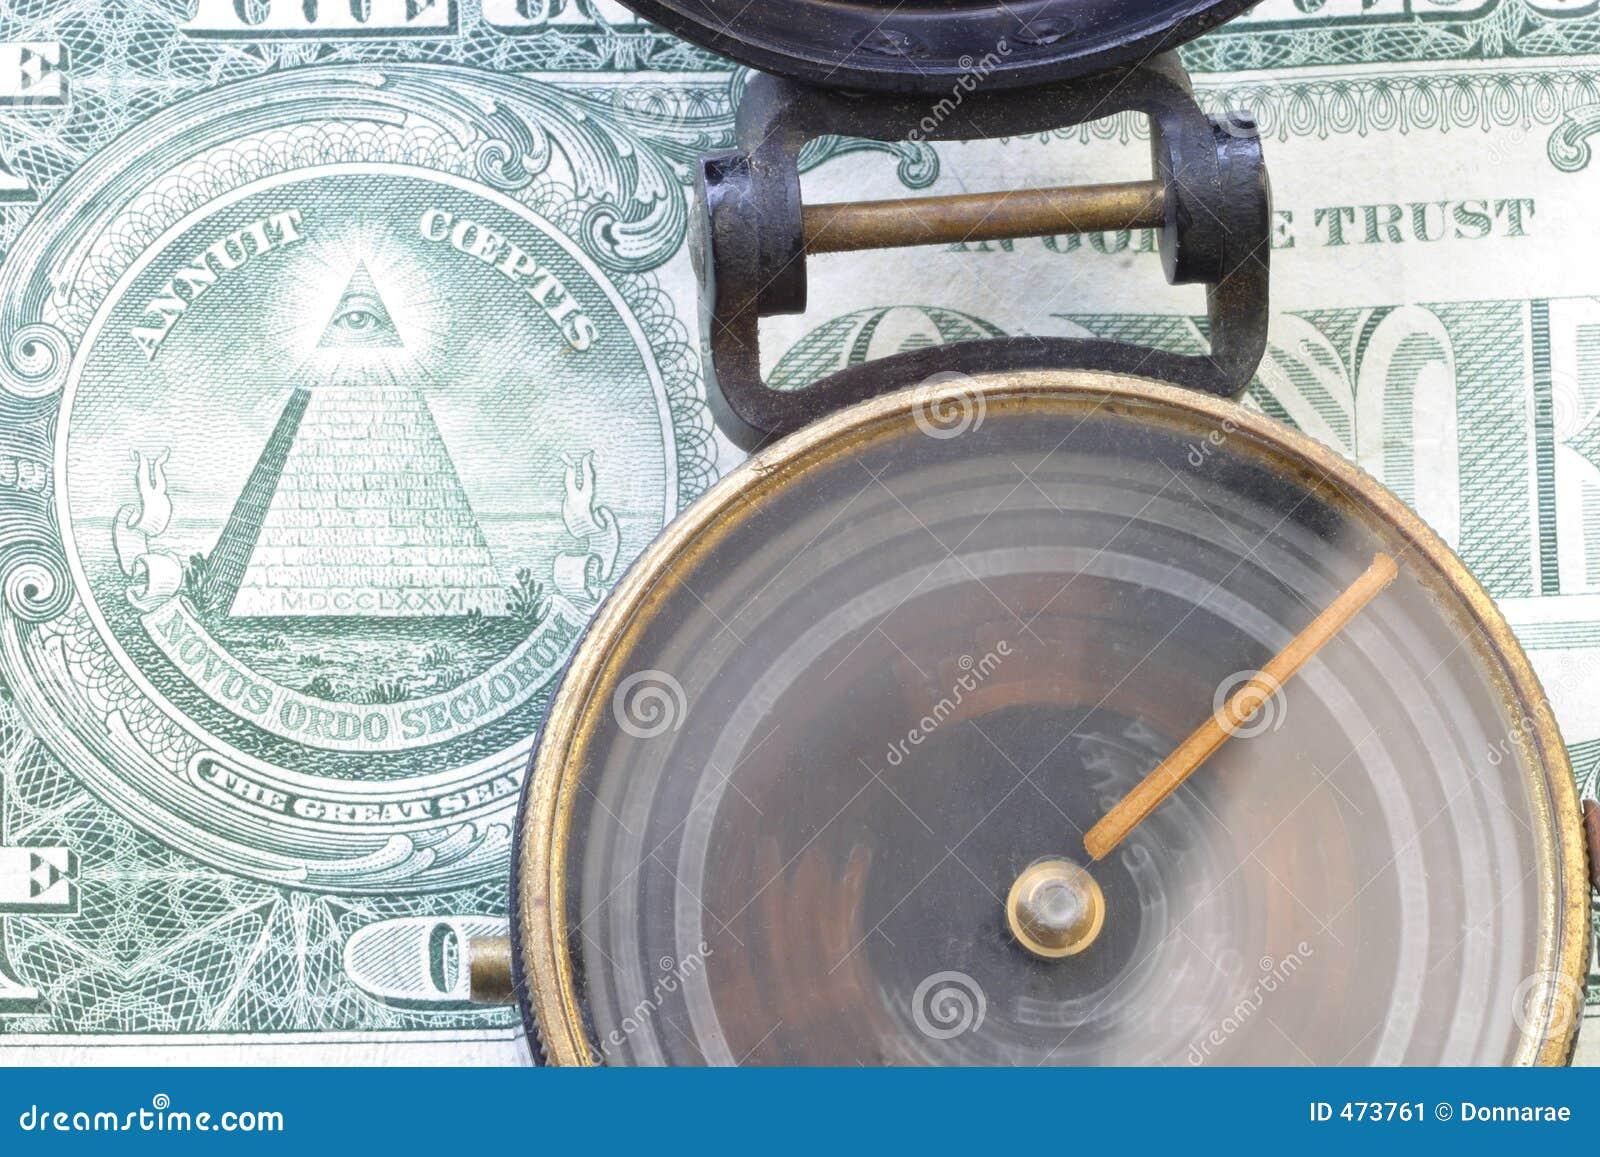 Dirección y compás de giro 3485 de $ dólar americano, una cuenta de dólar